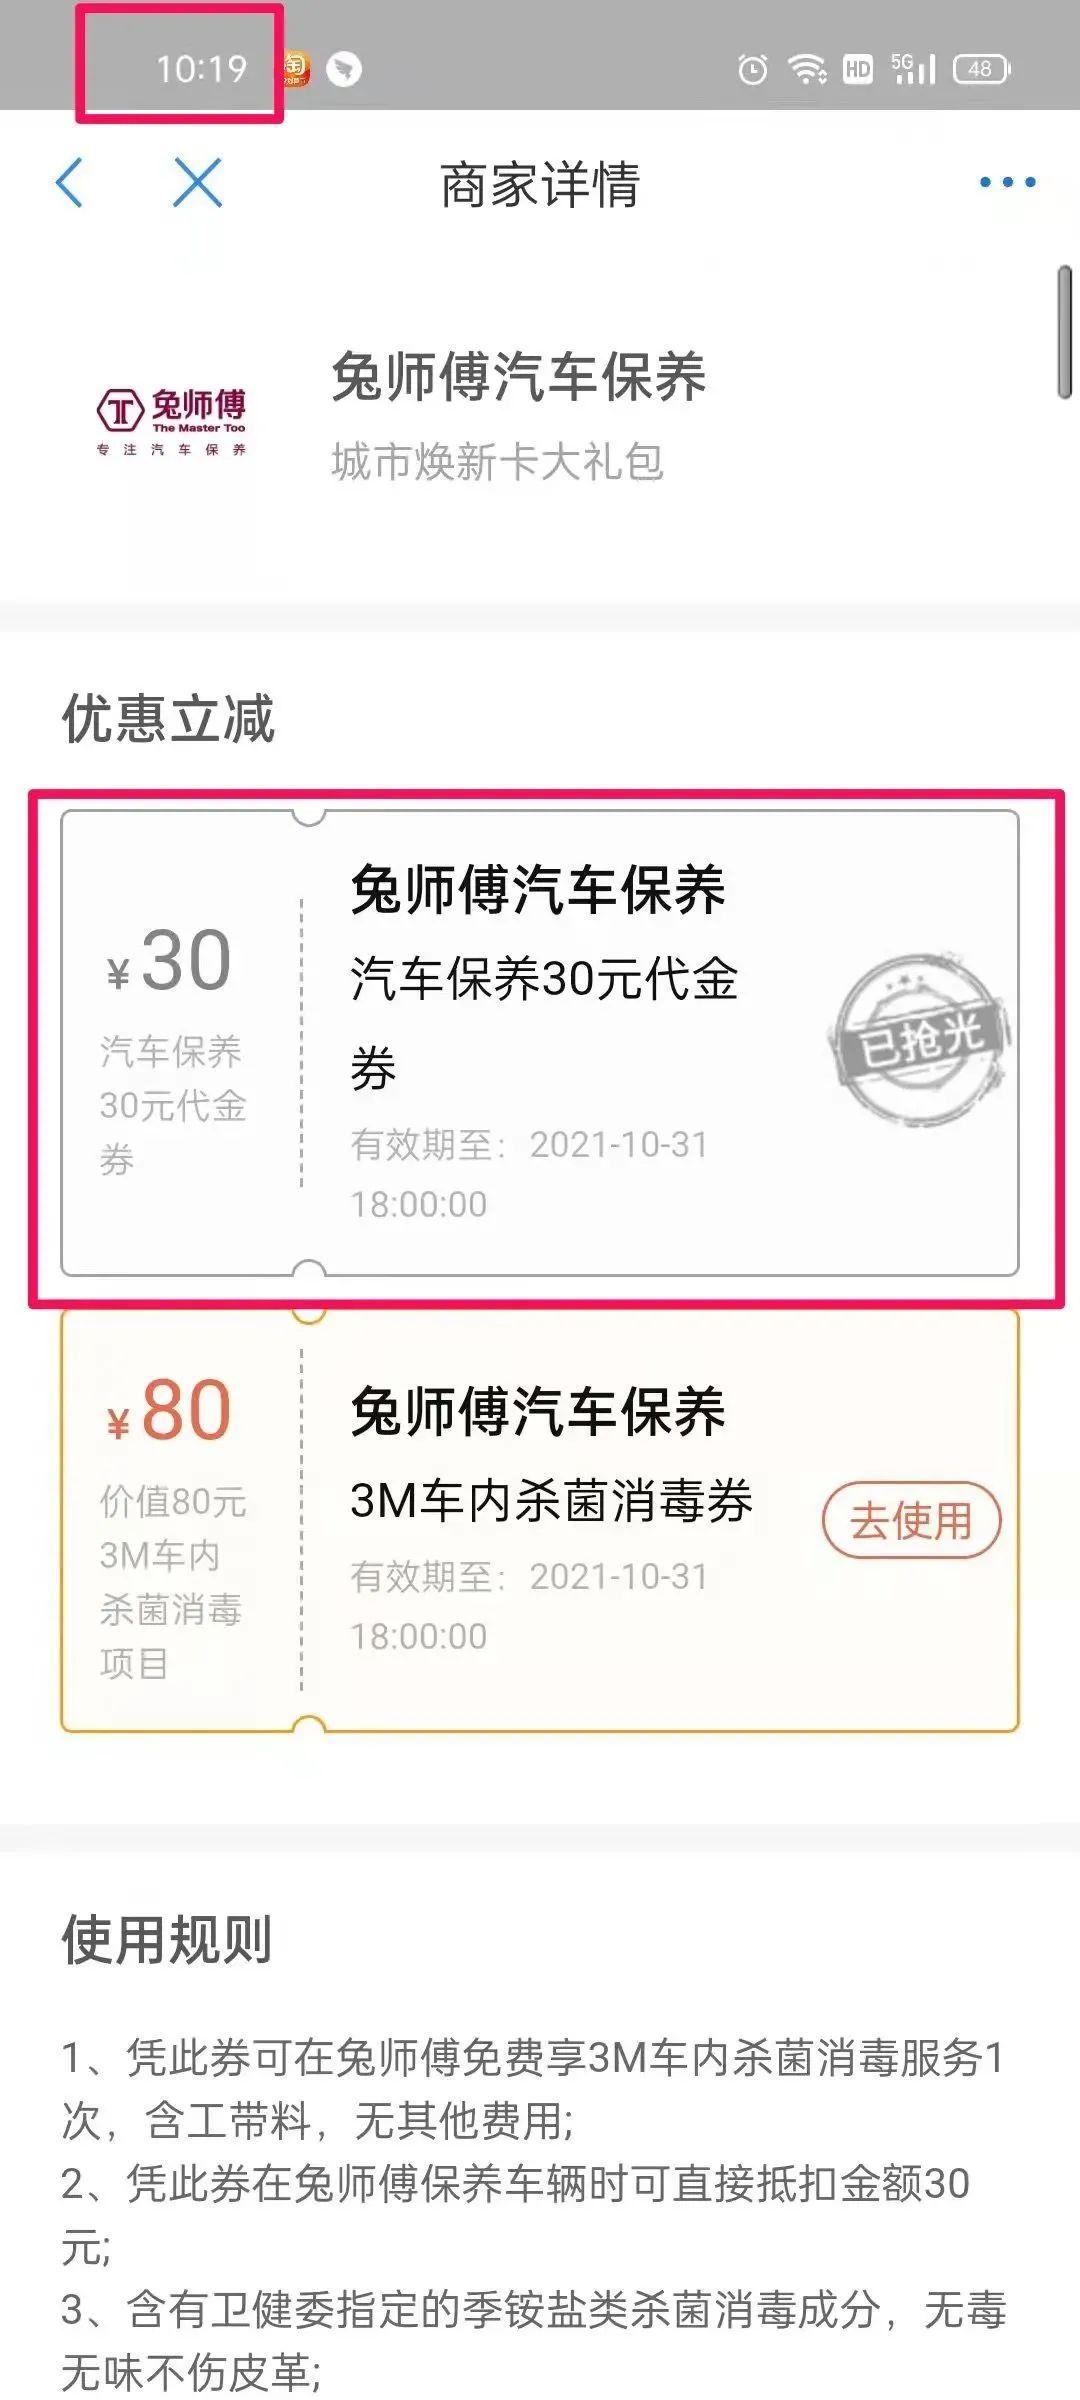 郑州消费券遭网友疯狂吐槽,郑好办客服:我们自己也抢不到!